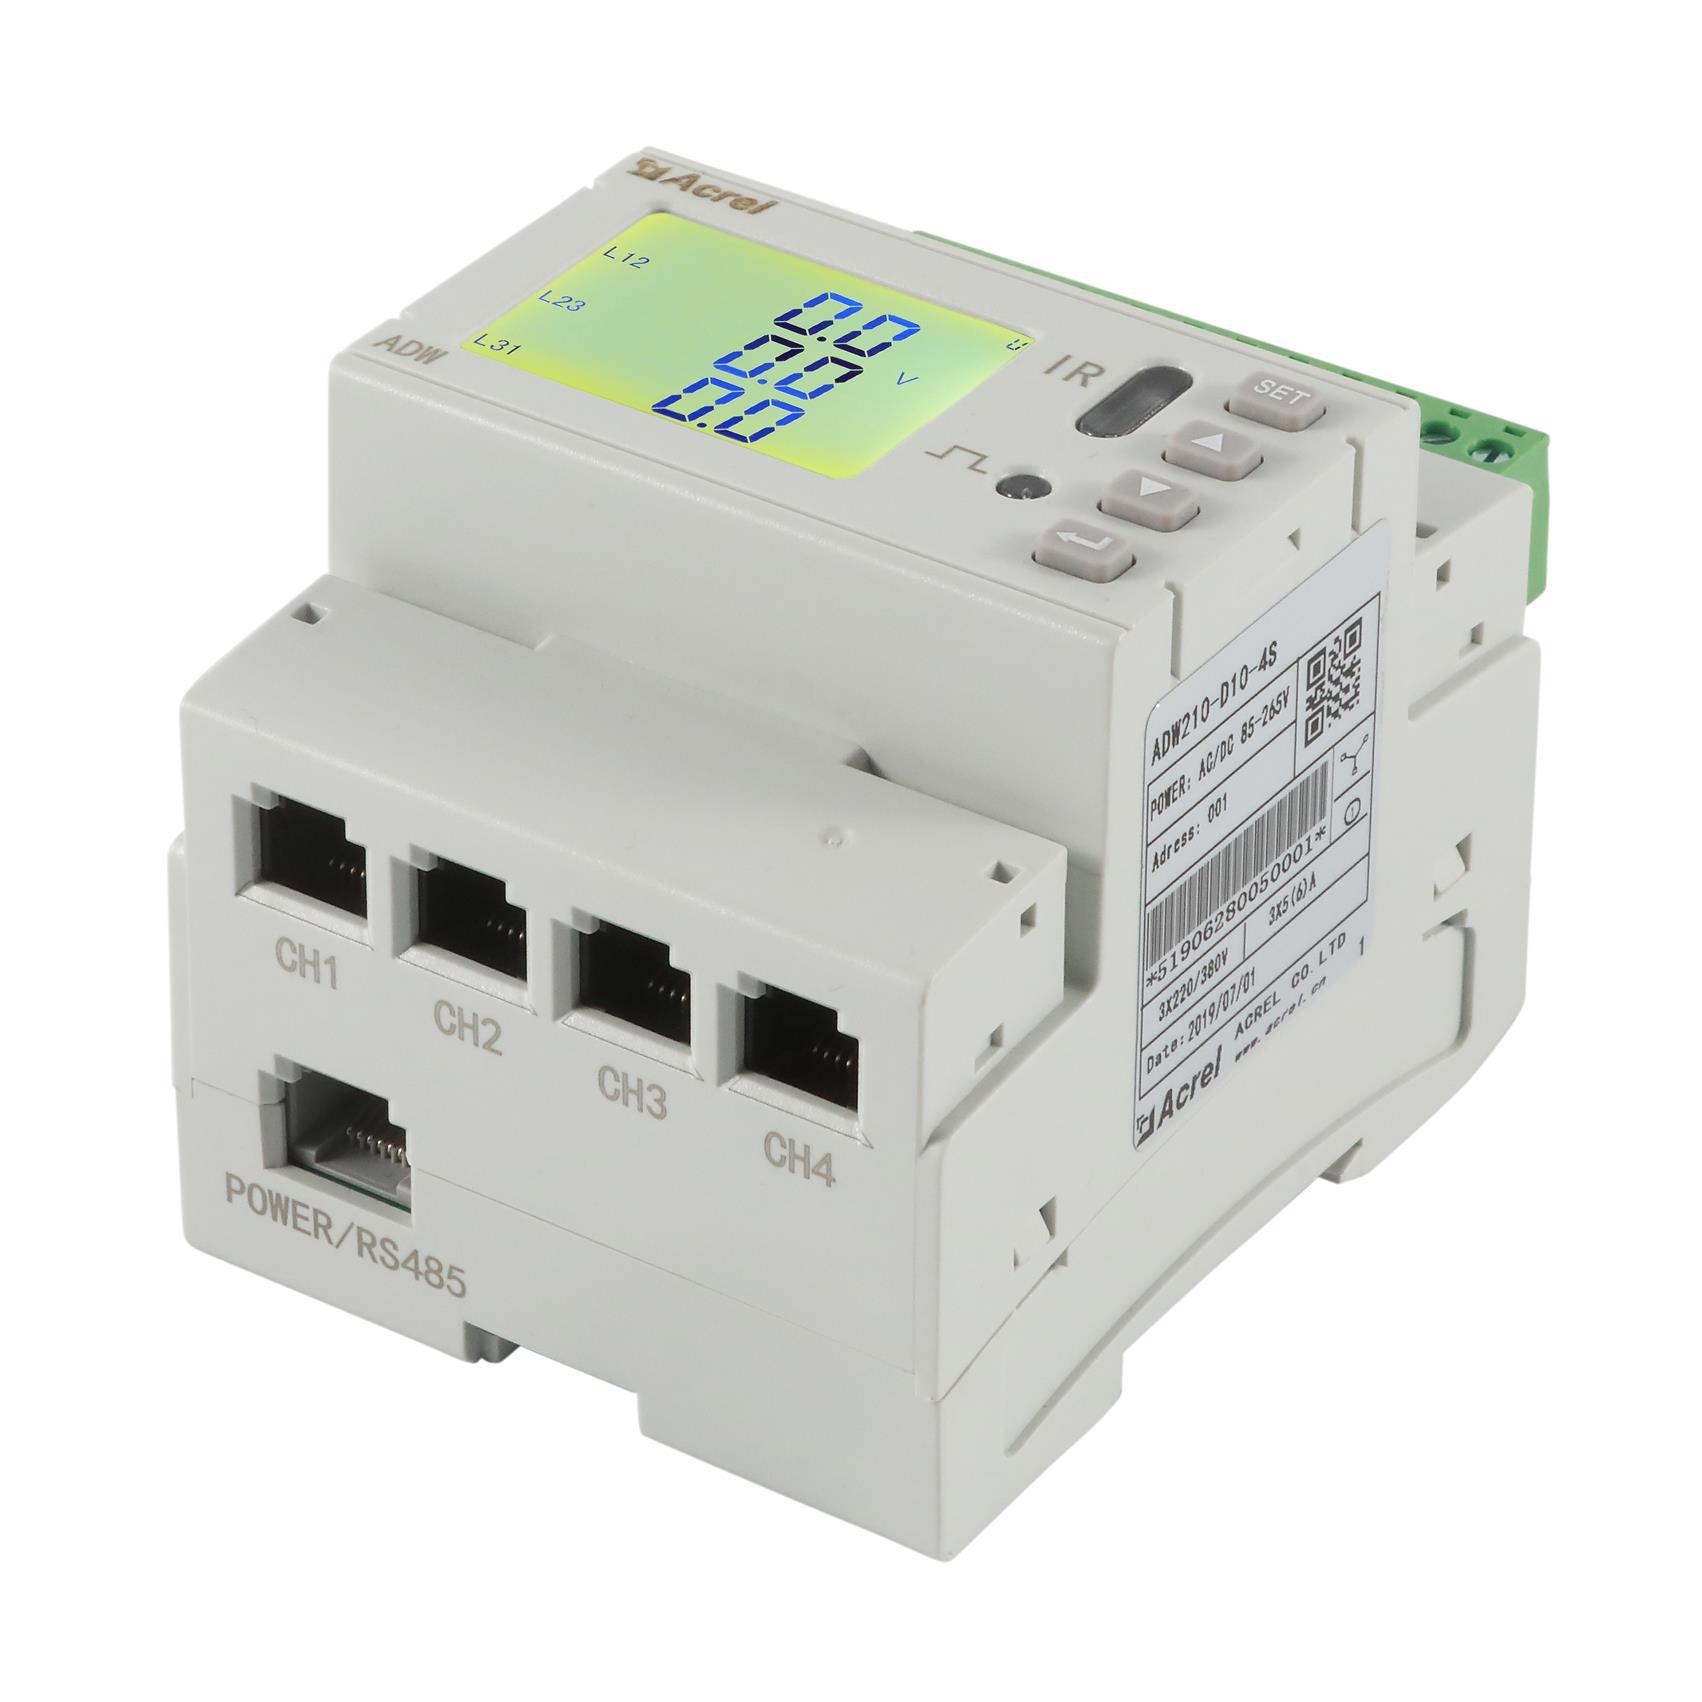 江西安科瑞廠家**5G基站儀表銷售廠家 基站直流電能計量